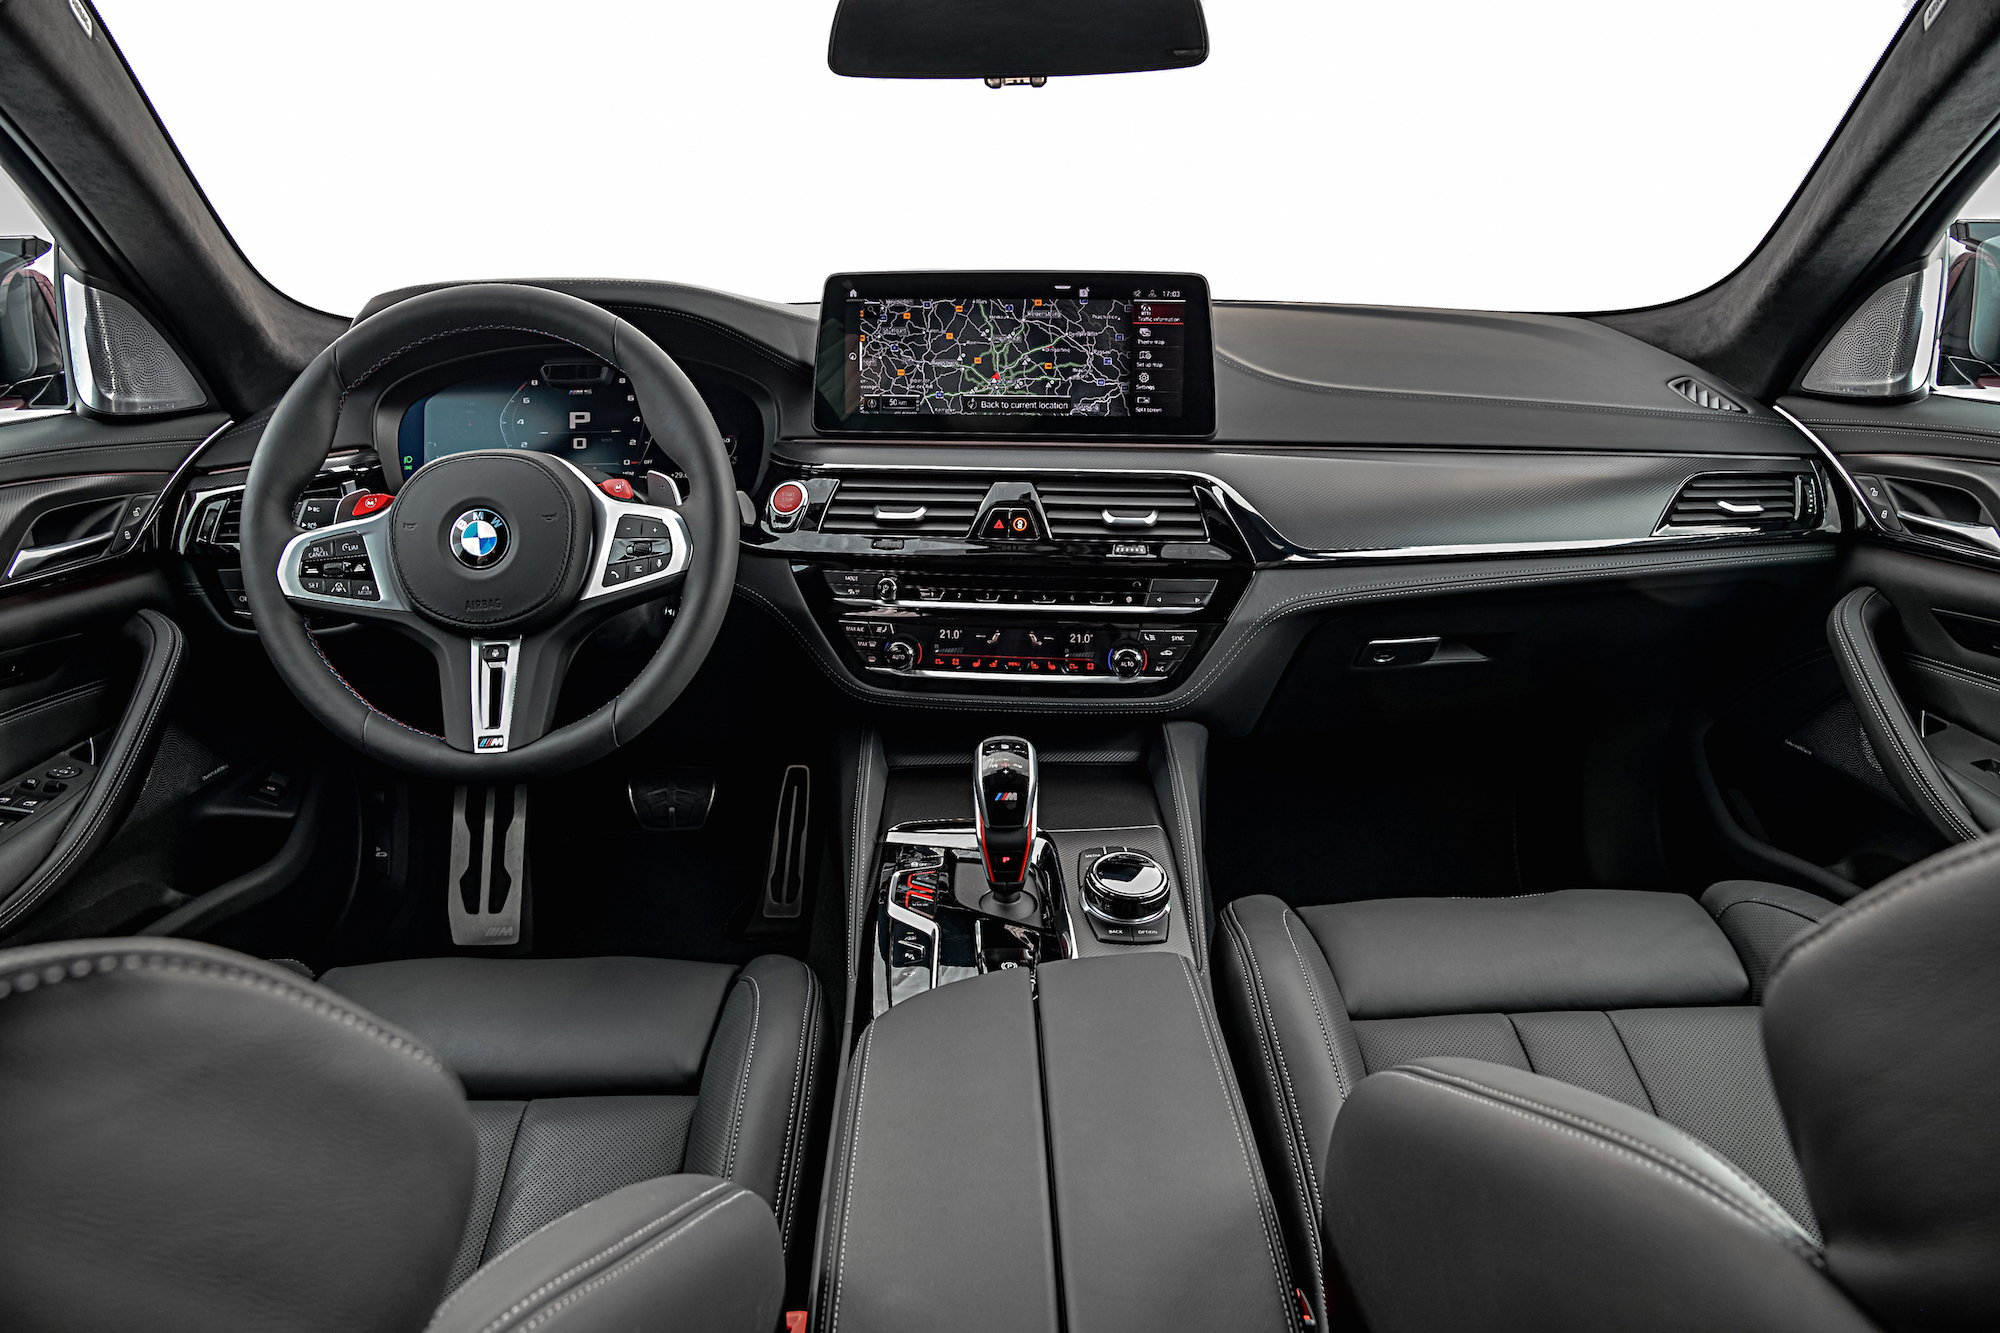 Die ebenfalls im sommer startenden hochleistungsvarianten m competition werden wie bisher von einem reihensechszylinder mit 375 kw/510 ps mit. Preview: 2021 BMW M5 | CAR